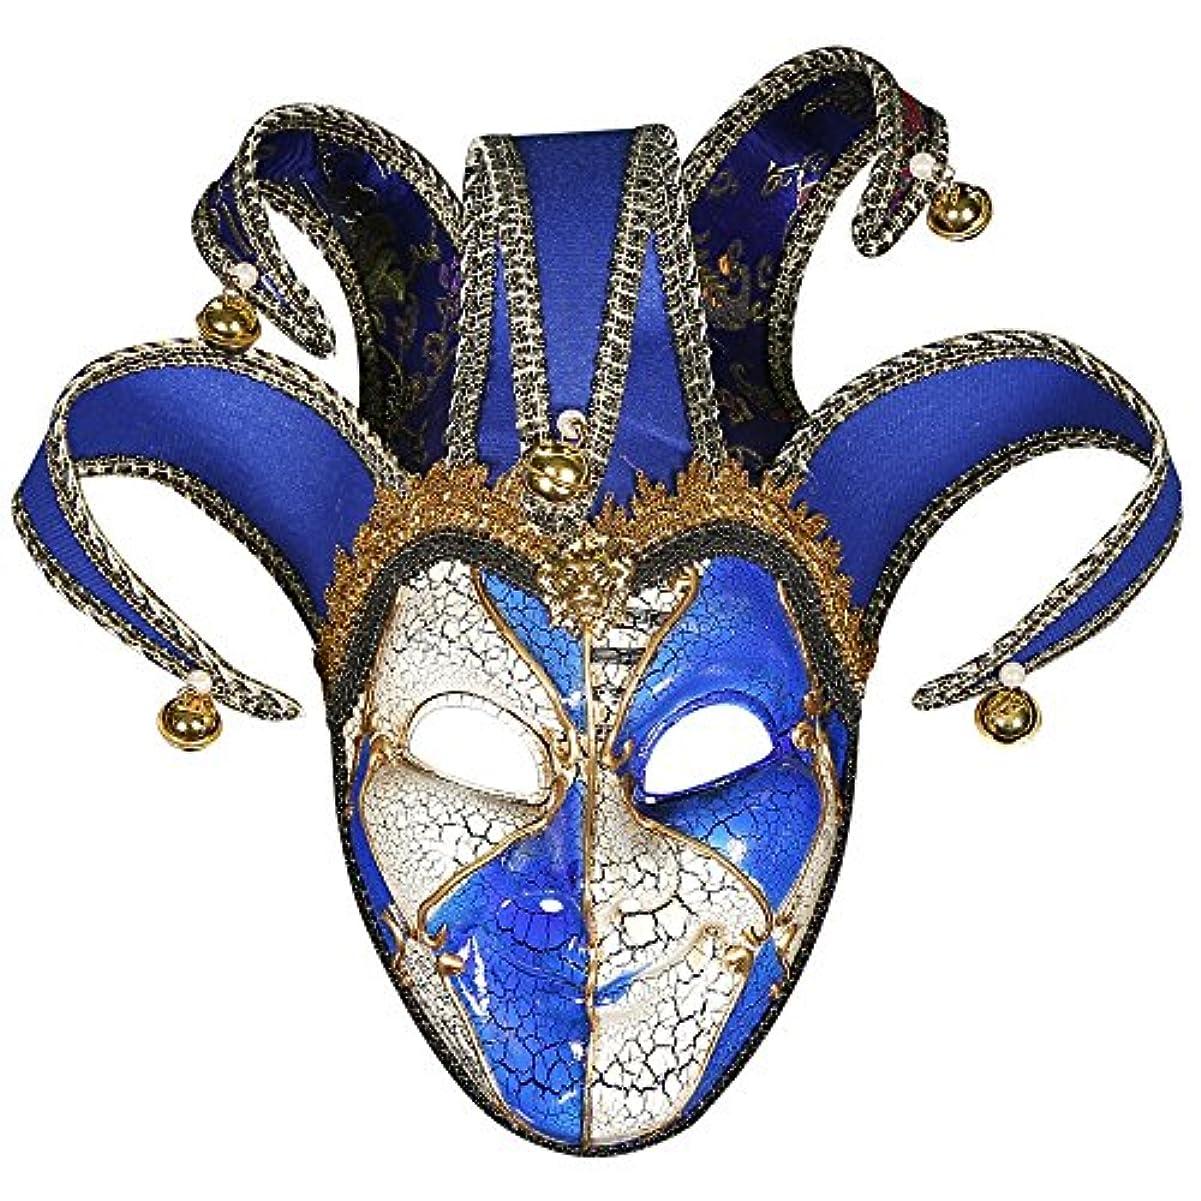 心から抑制敬なハイエンドの美しいクラックフェスティバル仮面舞踏会マスクハロウィーン誕生日パーティーピエロマスク (Color : A)